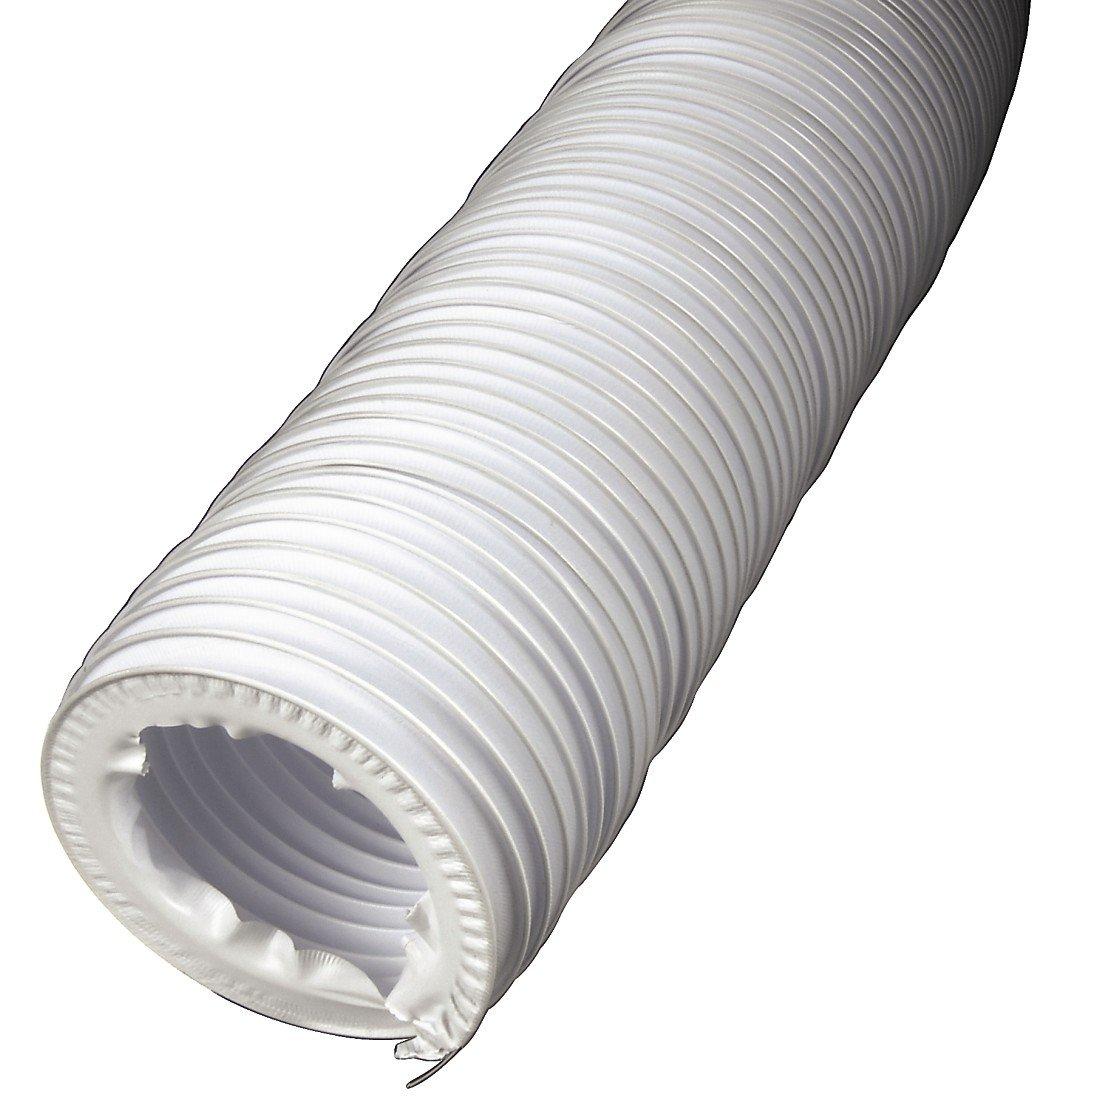 Xavax Abluftschlauch für Wäschetrockner, Innendurchmesser 10,2 cm, Länge 4 m Länge 4 m Hama 00110945